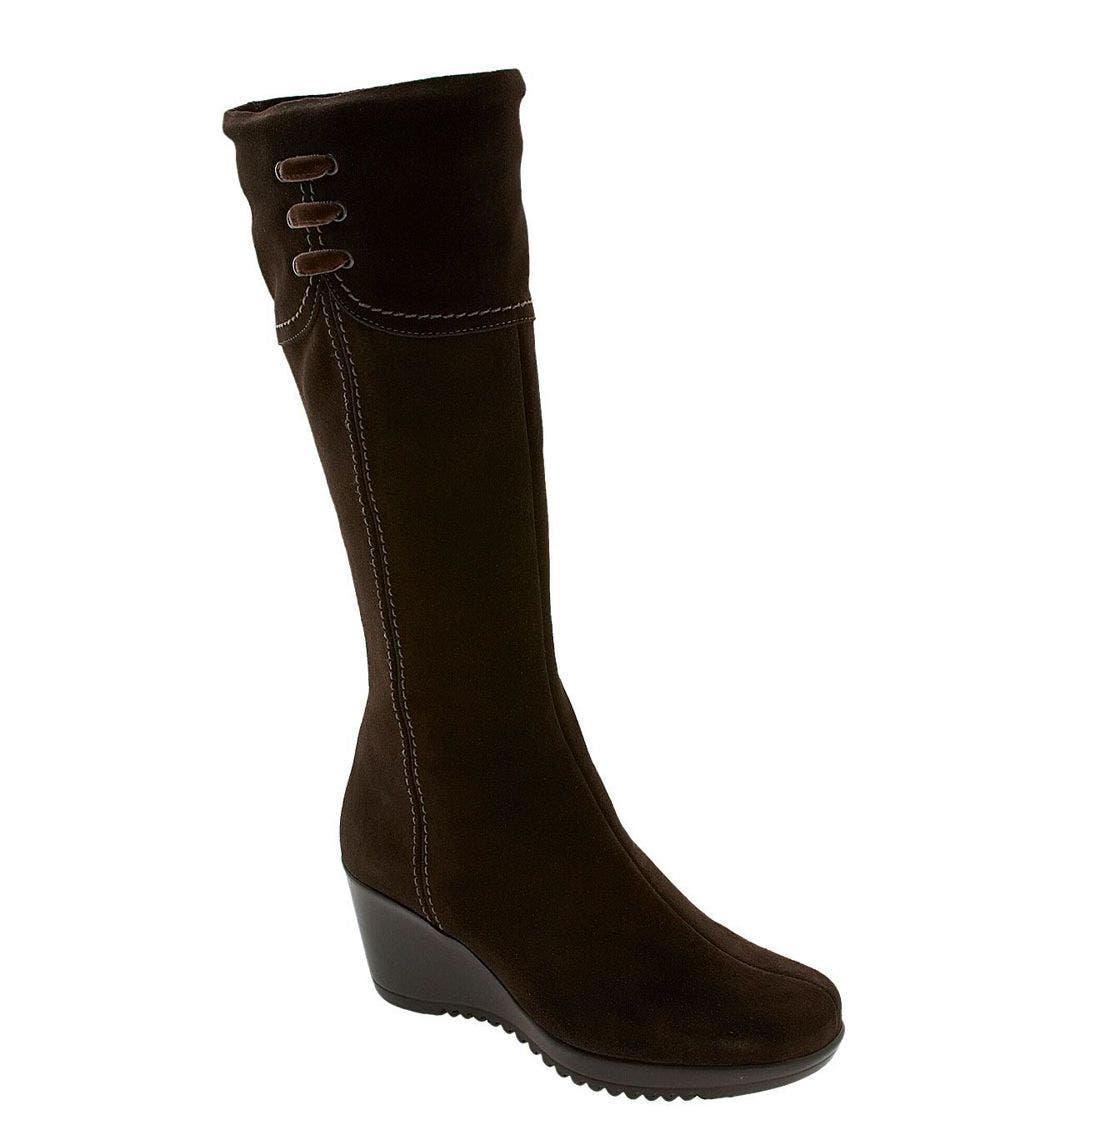 Alternate Image 1 Selected - La Canadienne 'Galaxy' Waterproof Boot